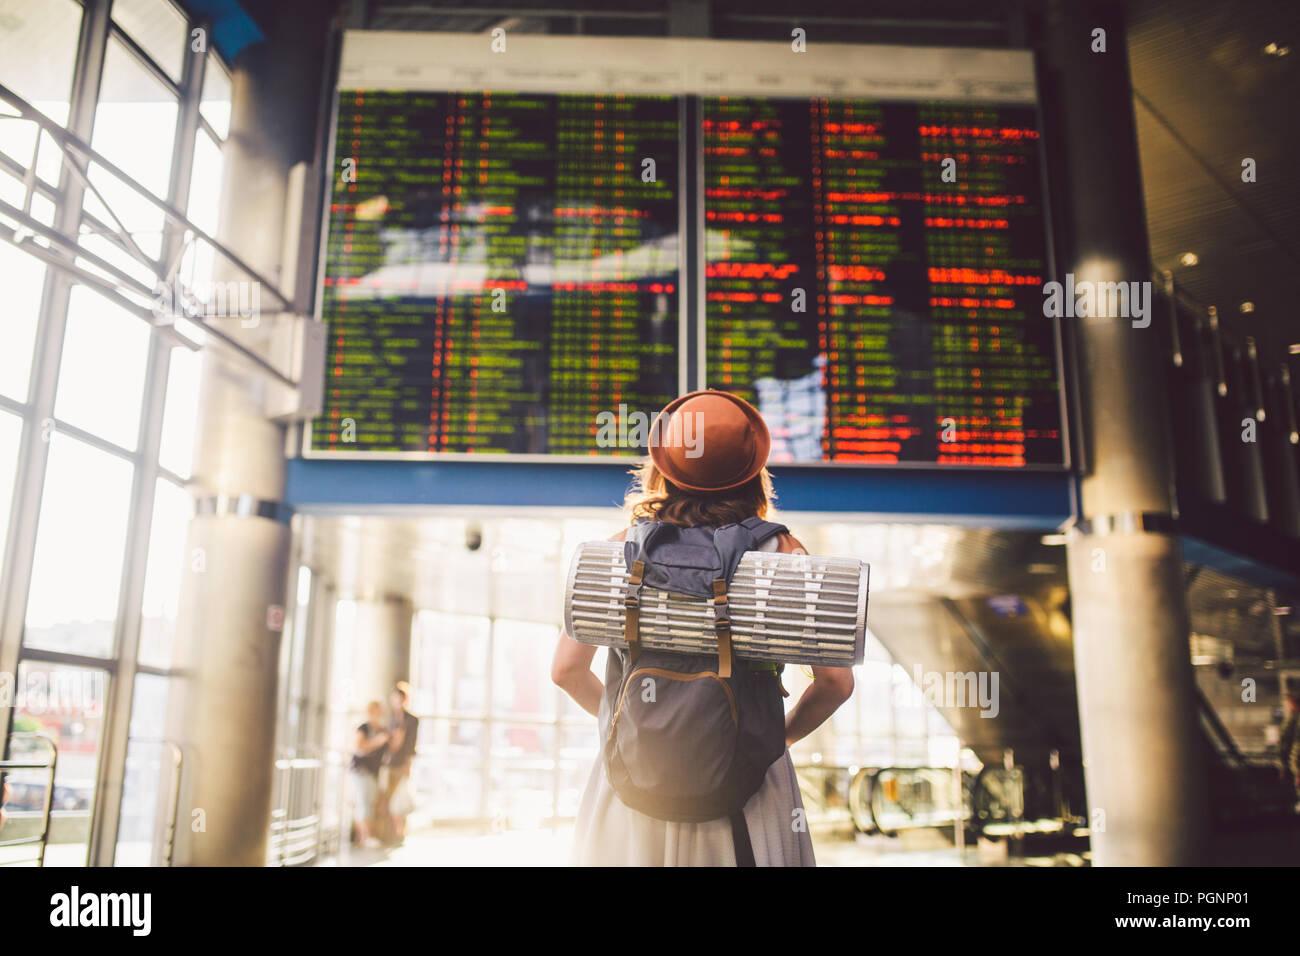 Tema viajar en transporte público. mujer joven de pie con la espalda en el vestido y el sombrero detrás de mochila y equipo de camping para dormir, esterilla aislante buscar Foto de stock